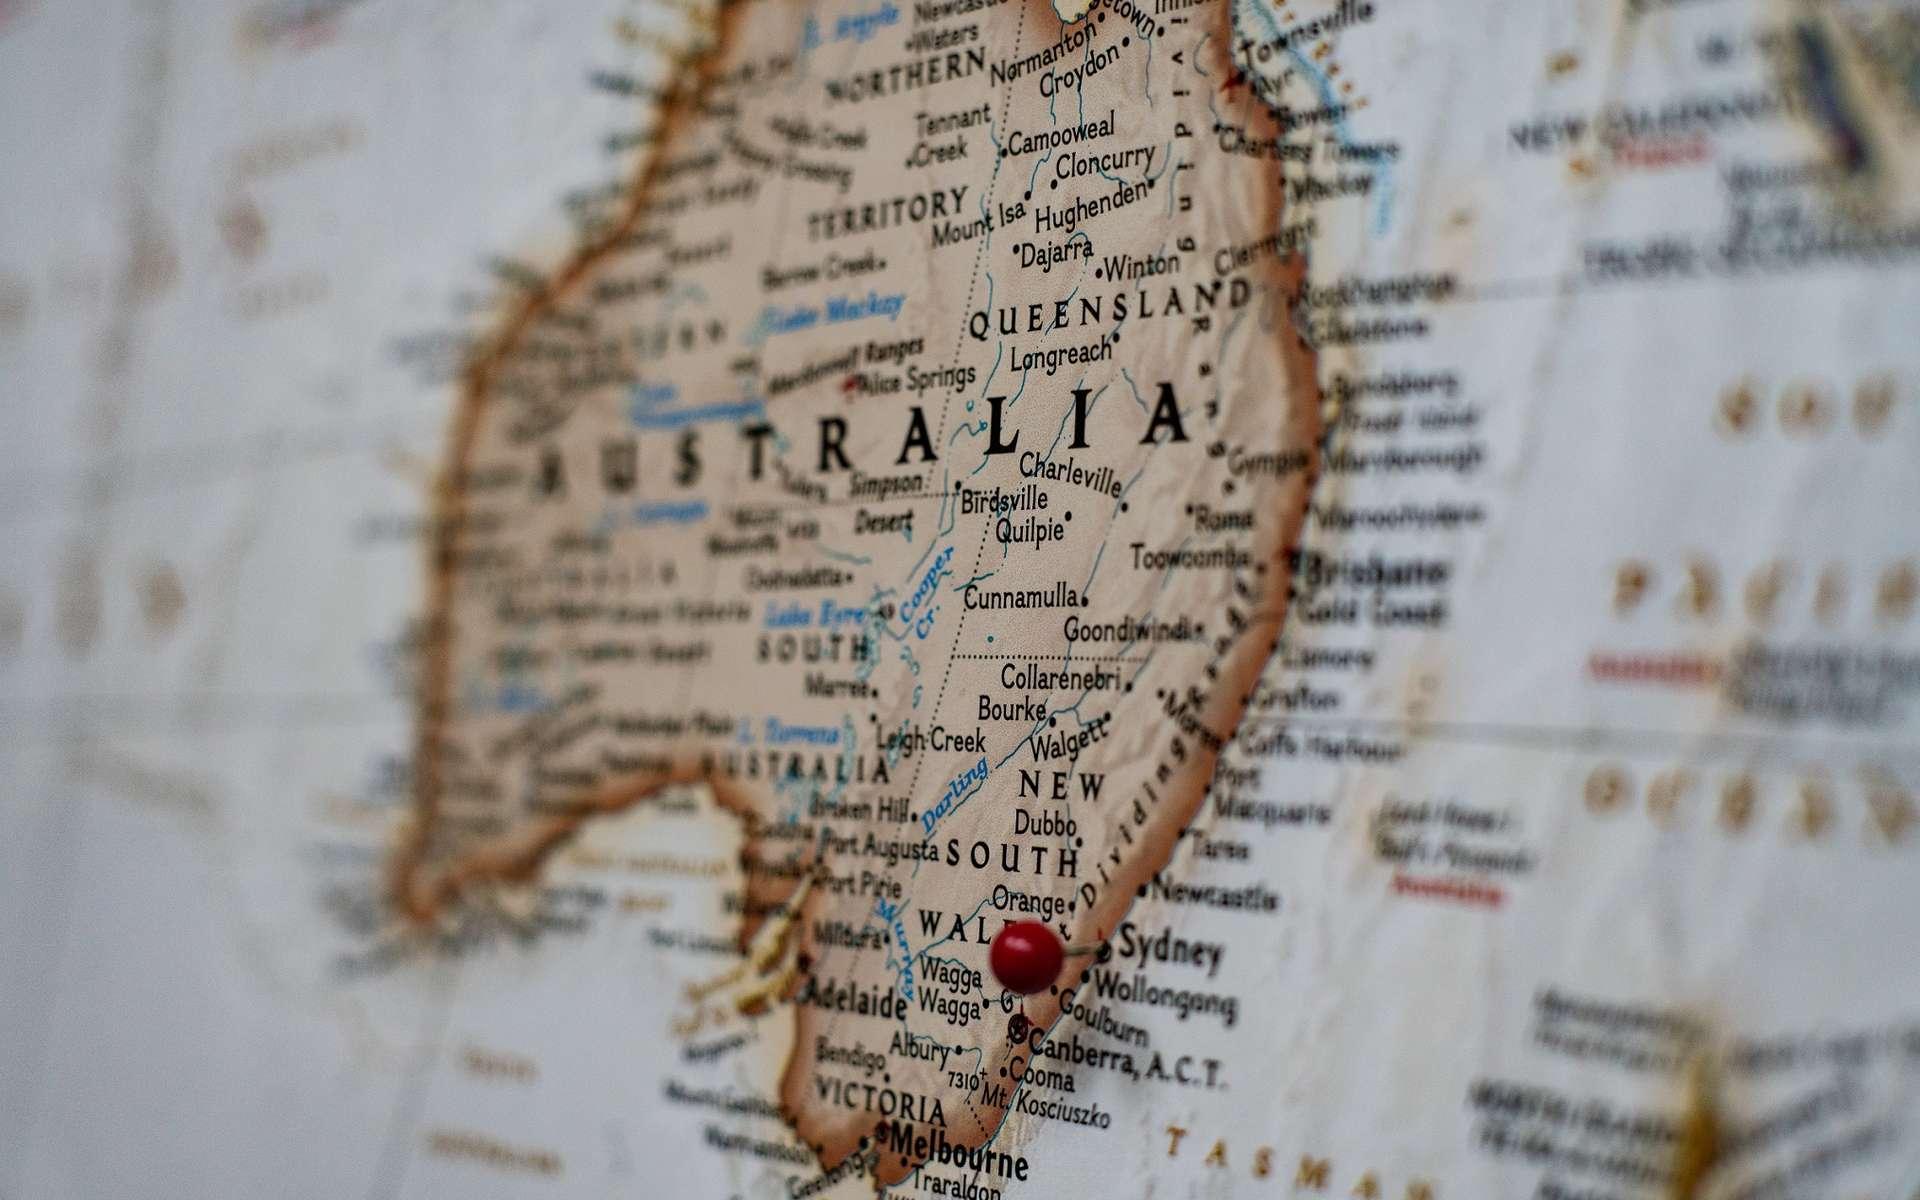 Longtemps avant de découvrir l'Australie, les hommes ont imaginé qu'il existait un vaste continent austral. © Joey Csunyo, Unsplash